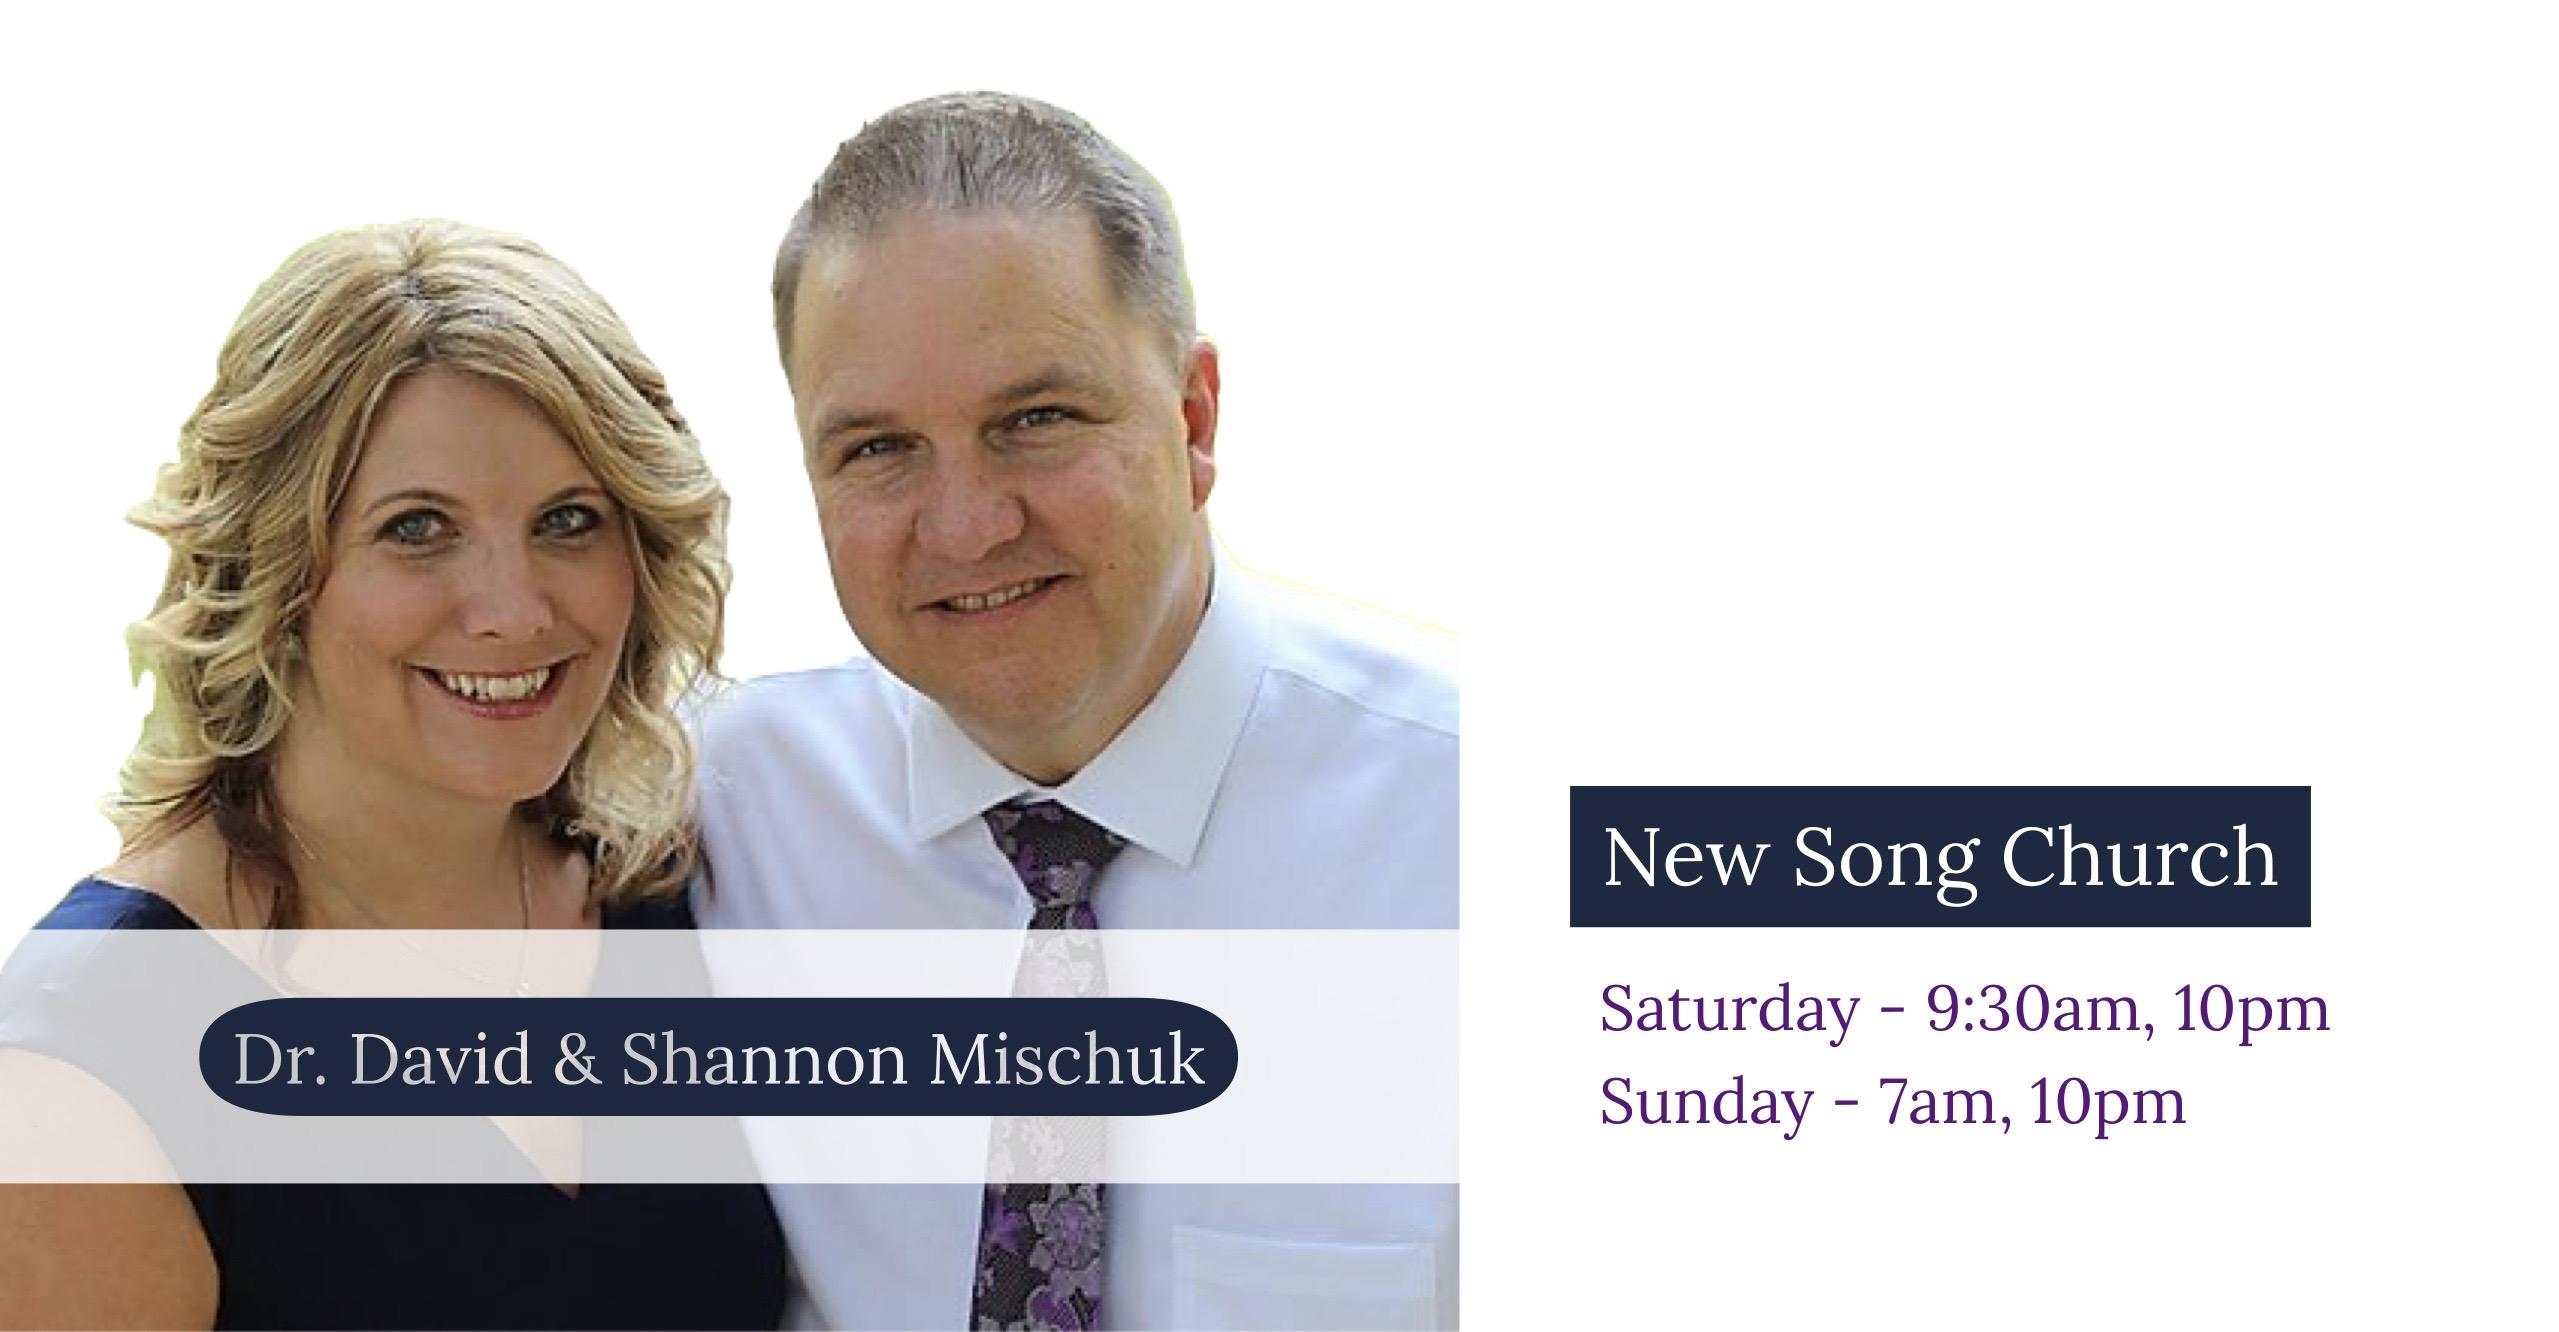 Dr. David & Shannon Mischuk